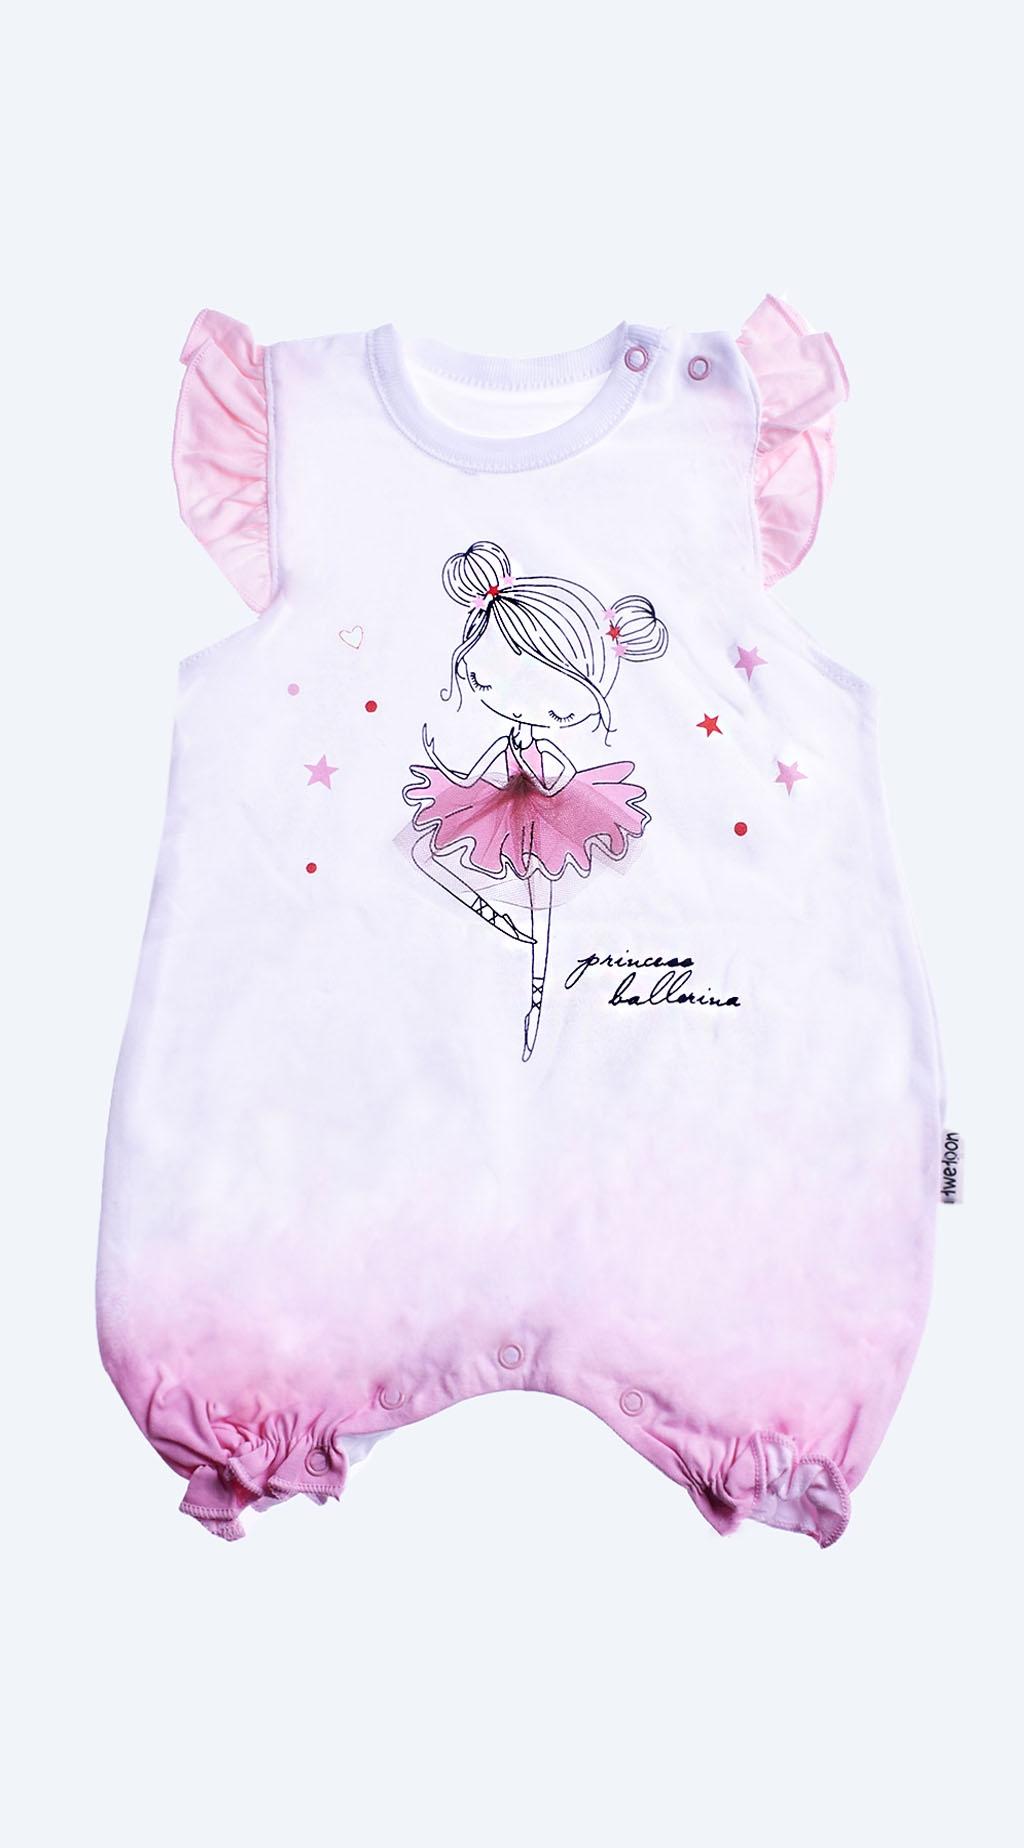 Overalls short sleeve girl baby girl